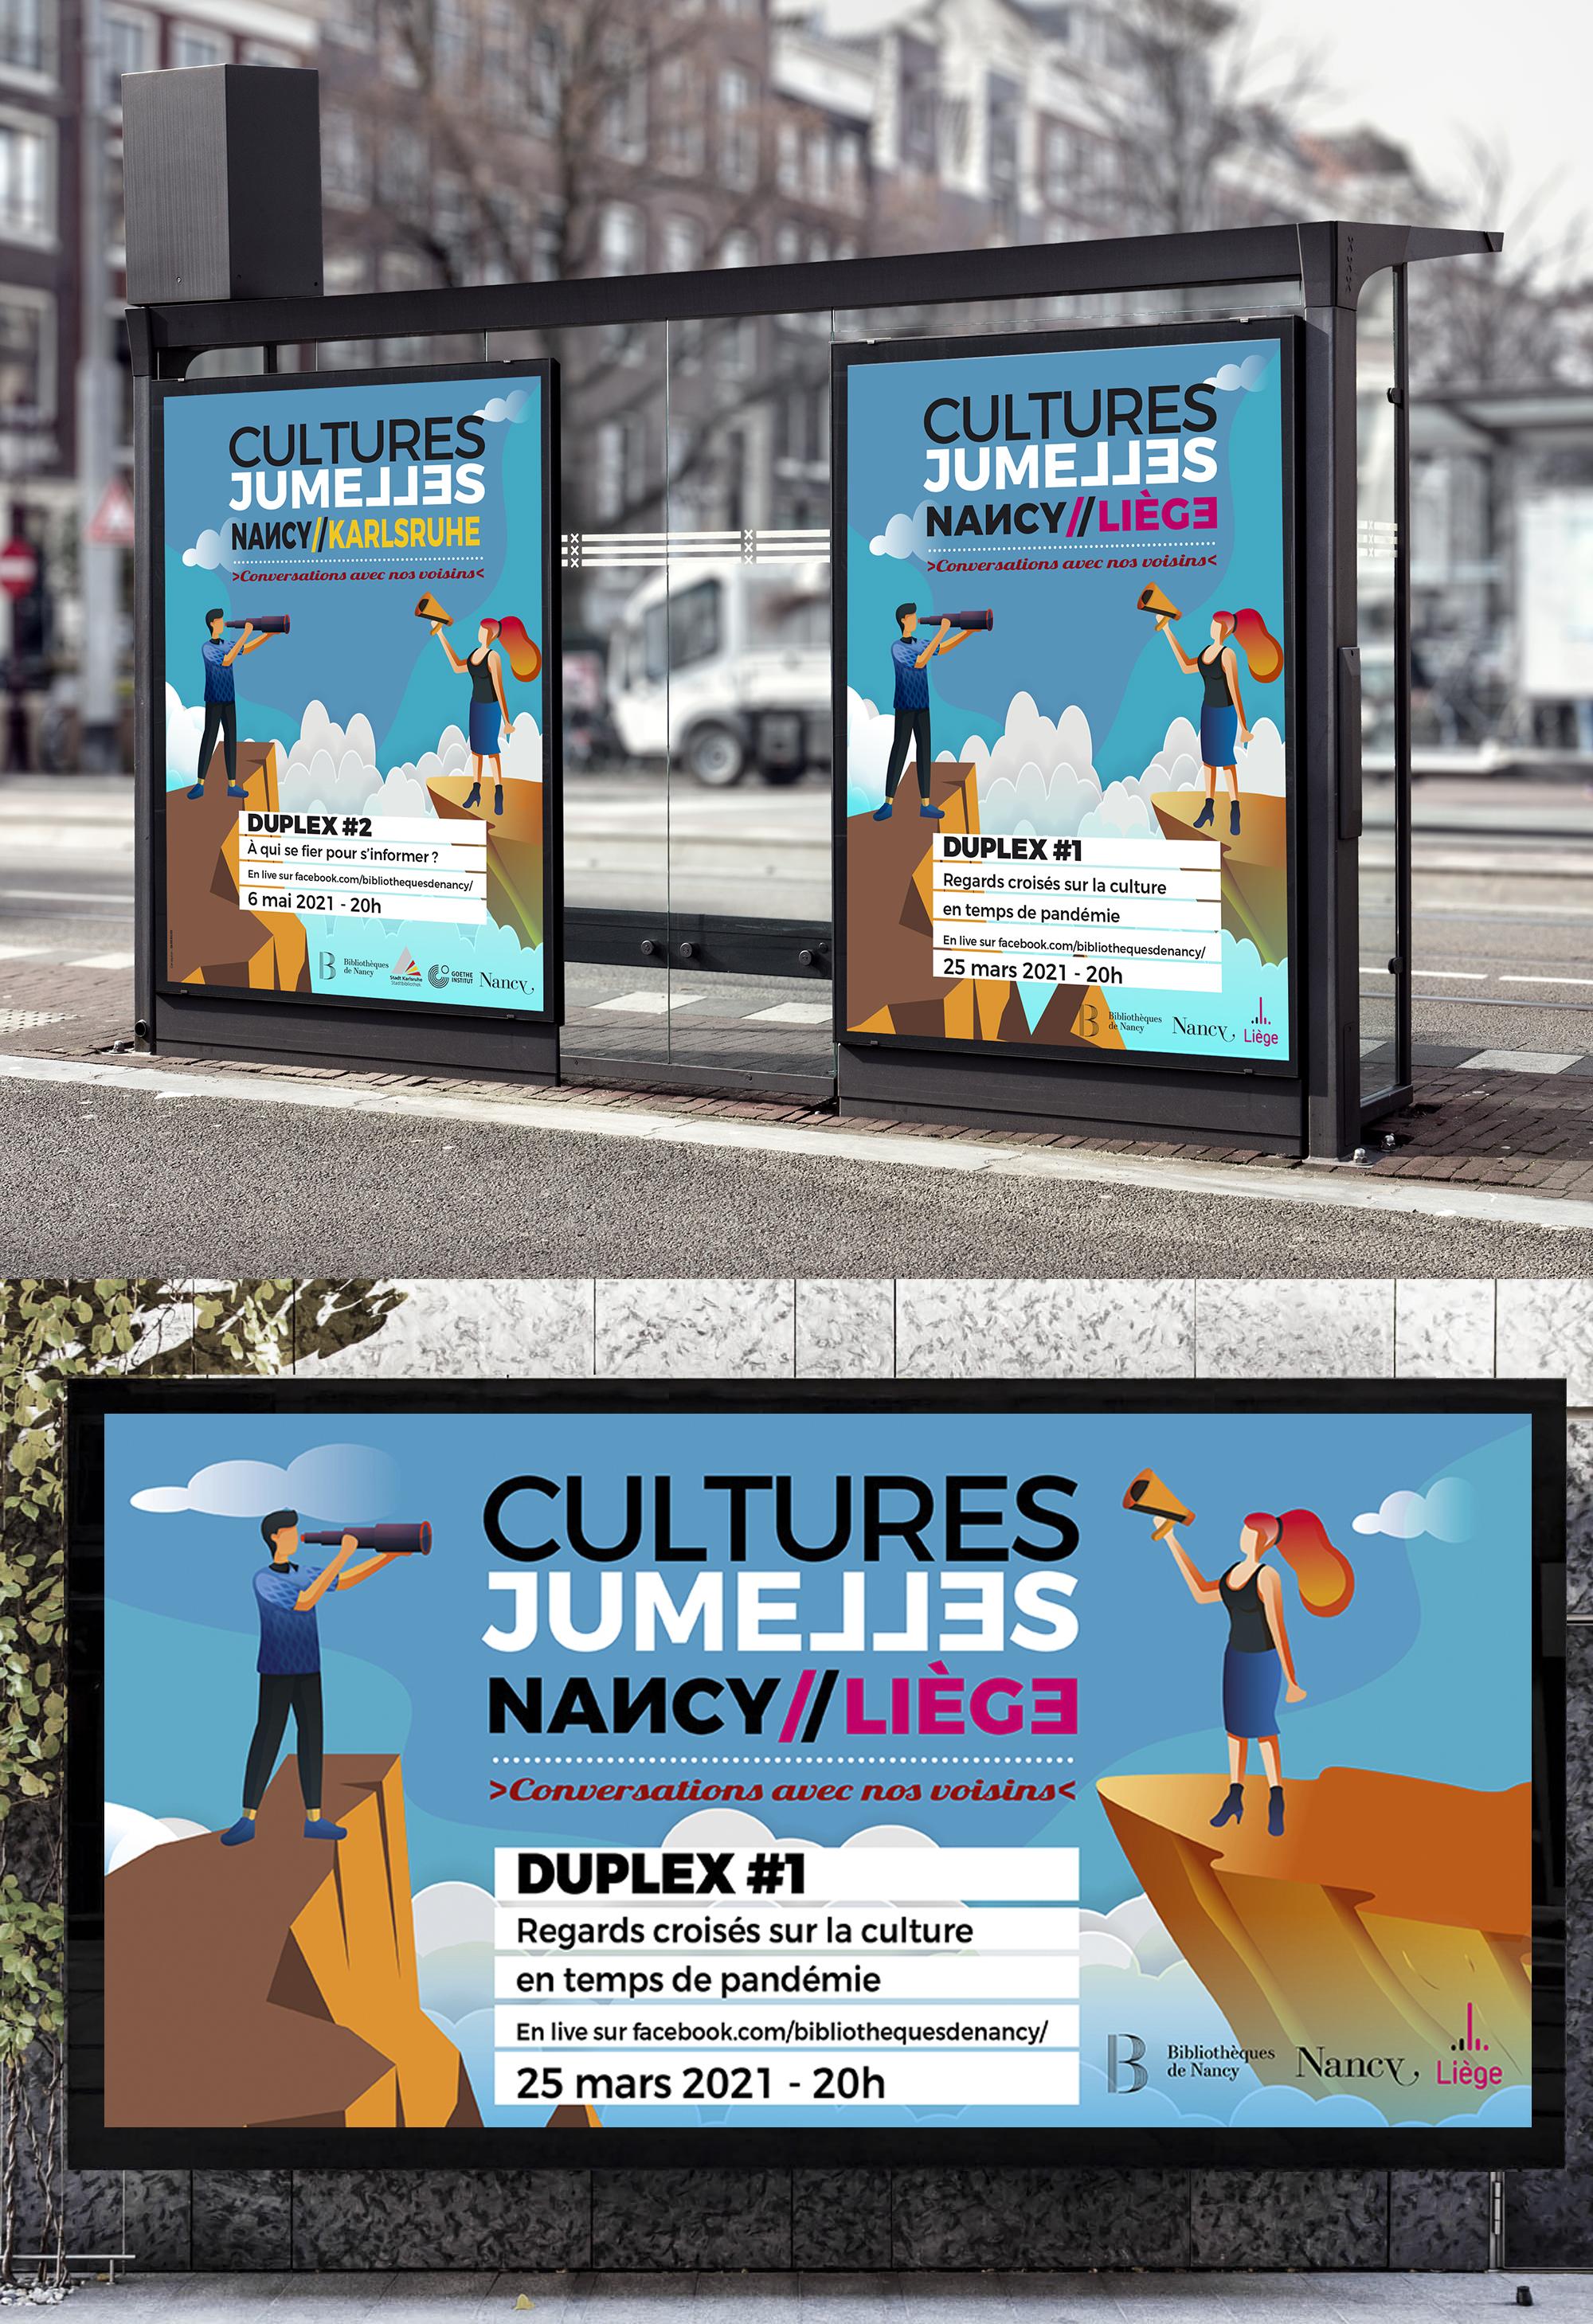 affiche culture Nancy bibliothèque création graphique communication visuel conception design graphique ville